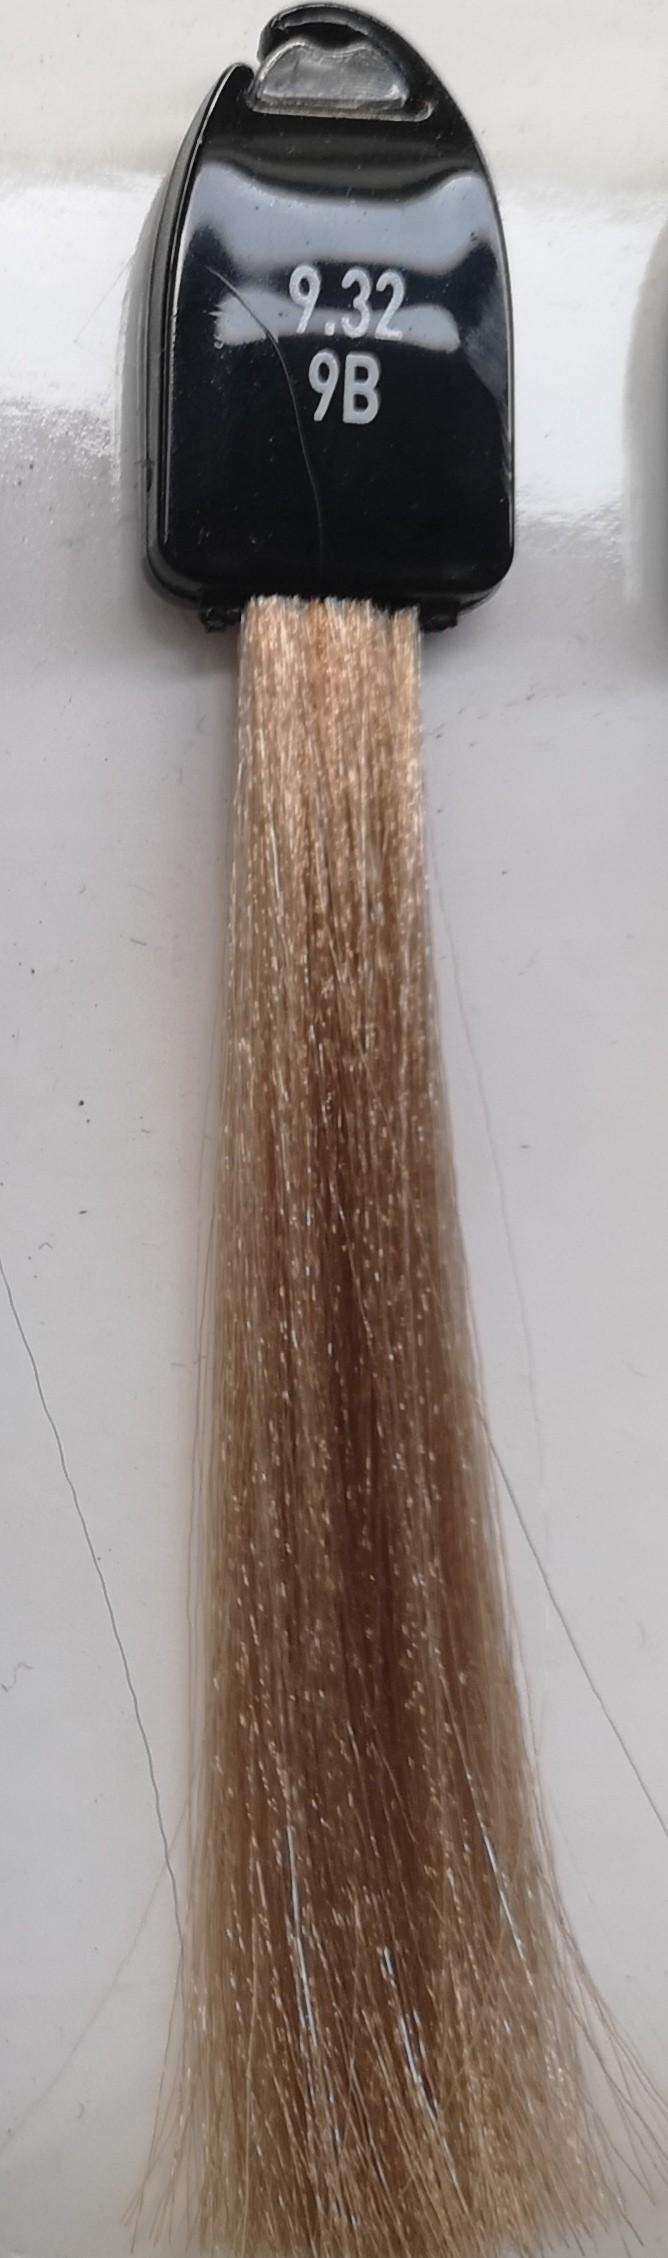 9.32 labai šviesi smėlinė blondinė